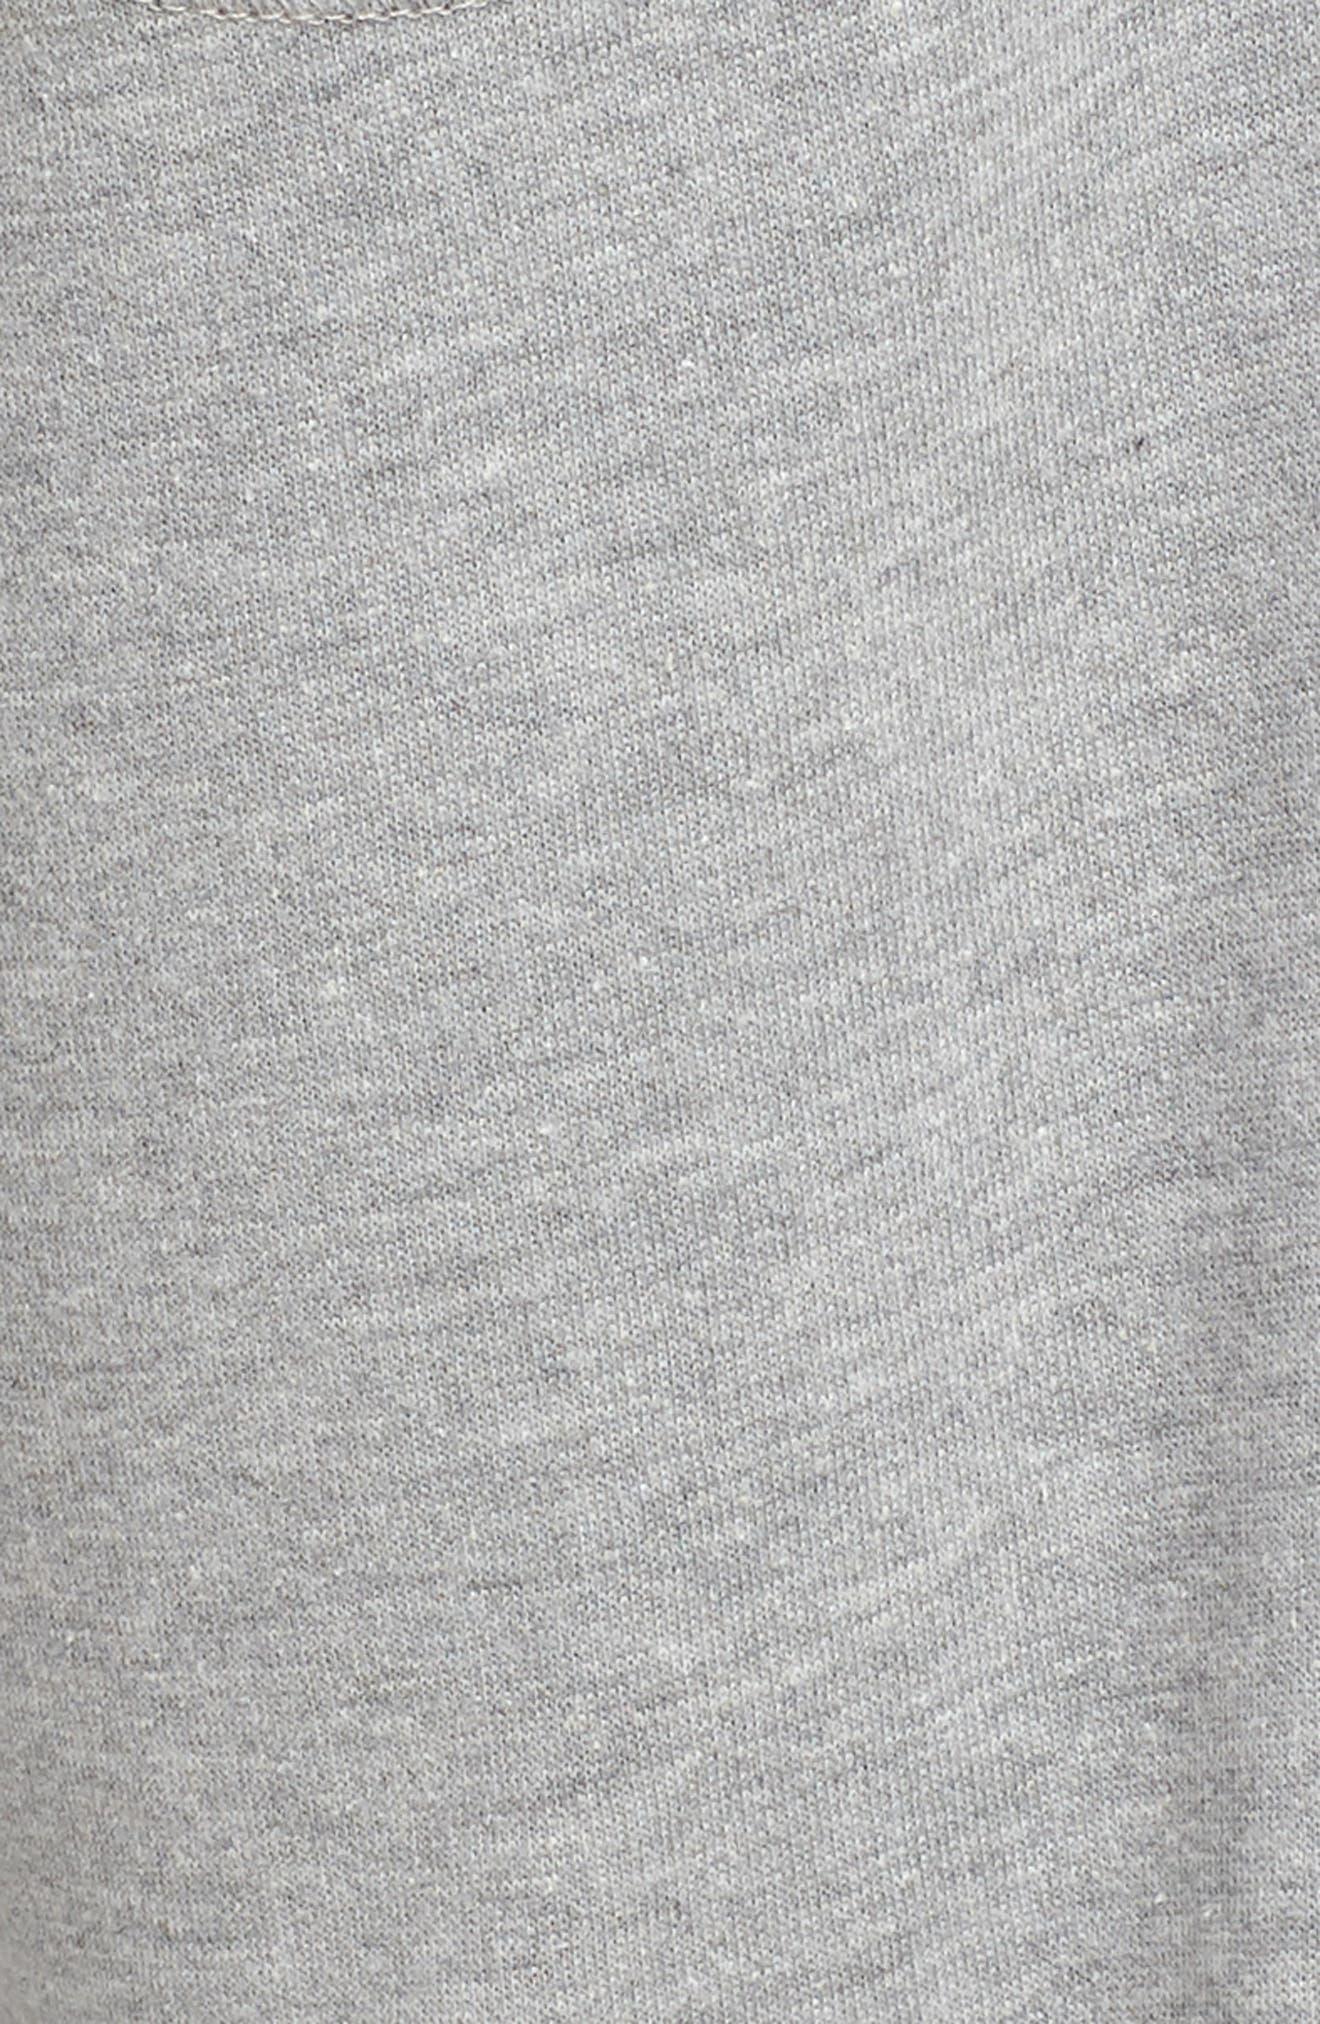 Crop Jogger Pants,                             Alternate thumbnail 5, color,                             023